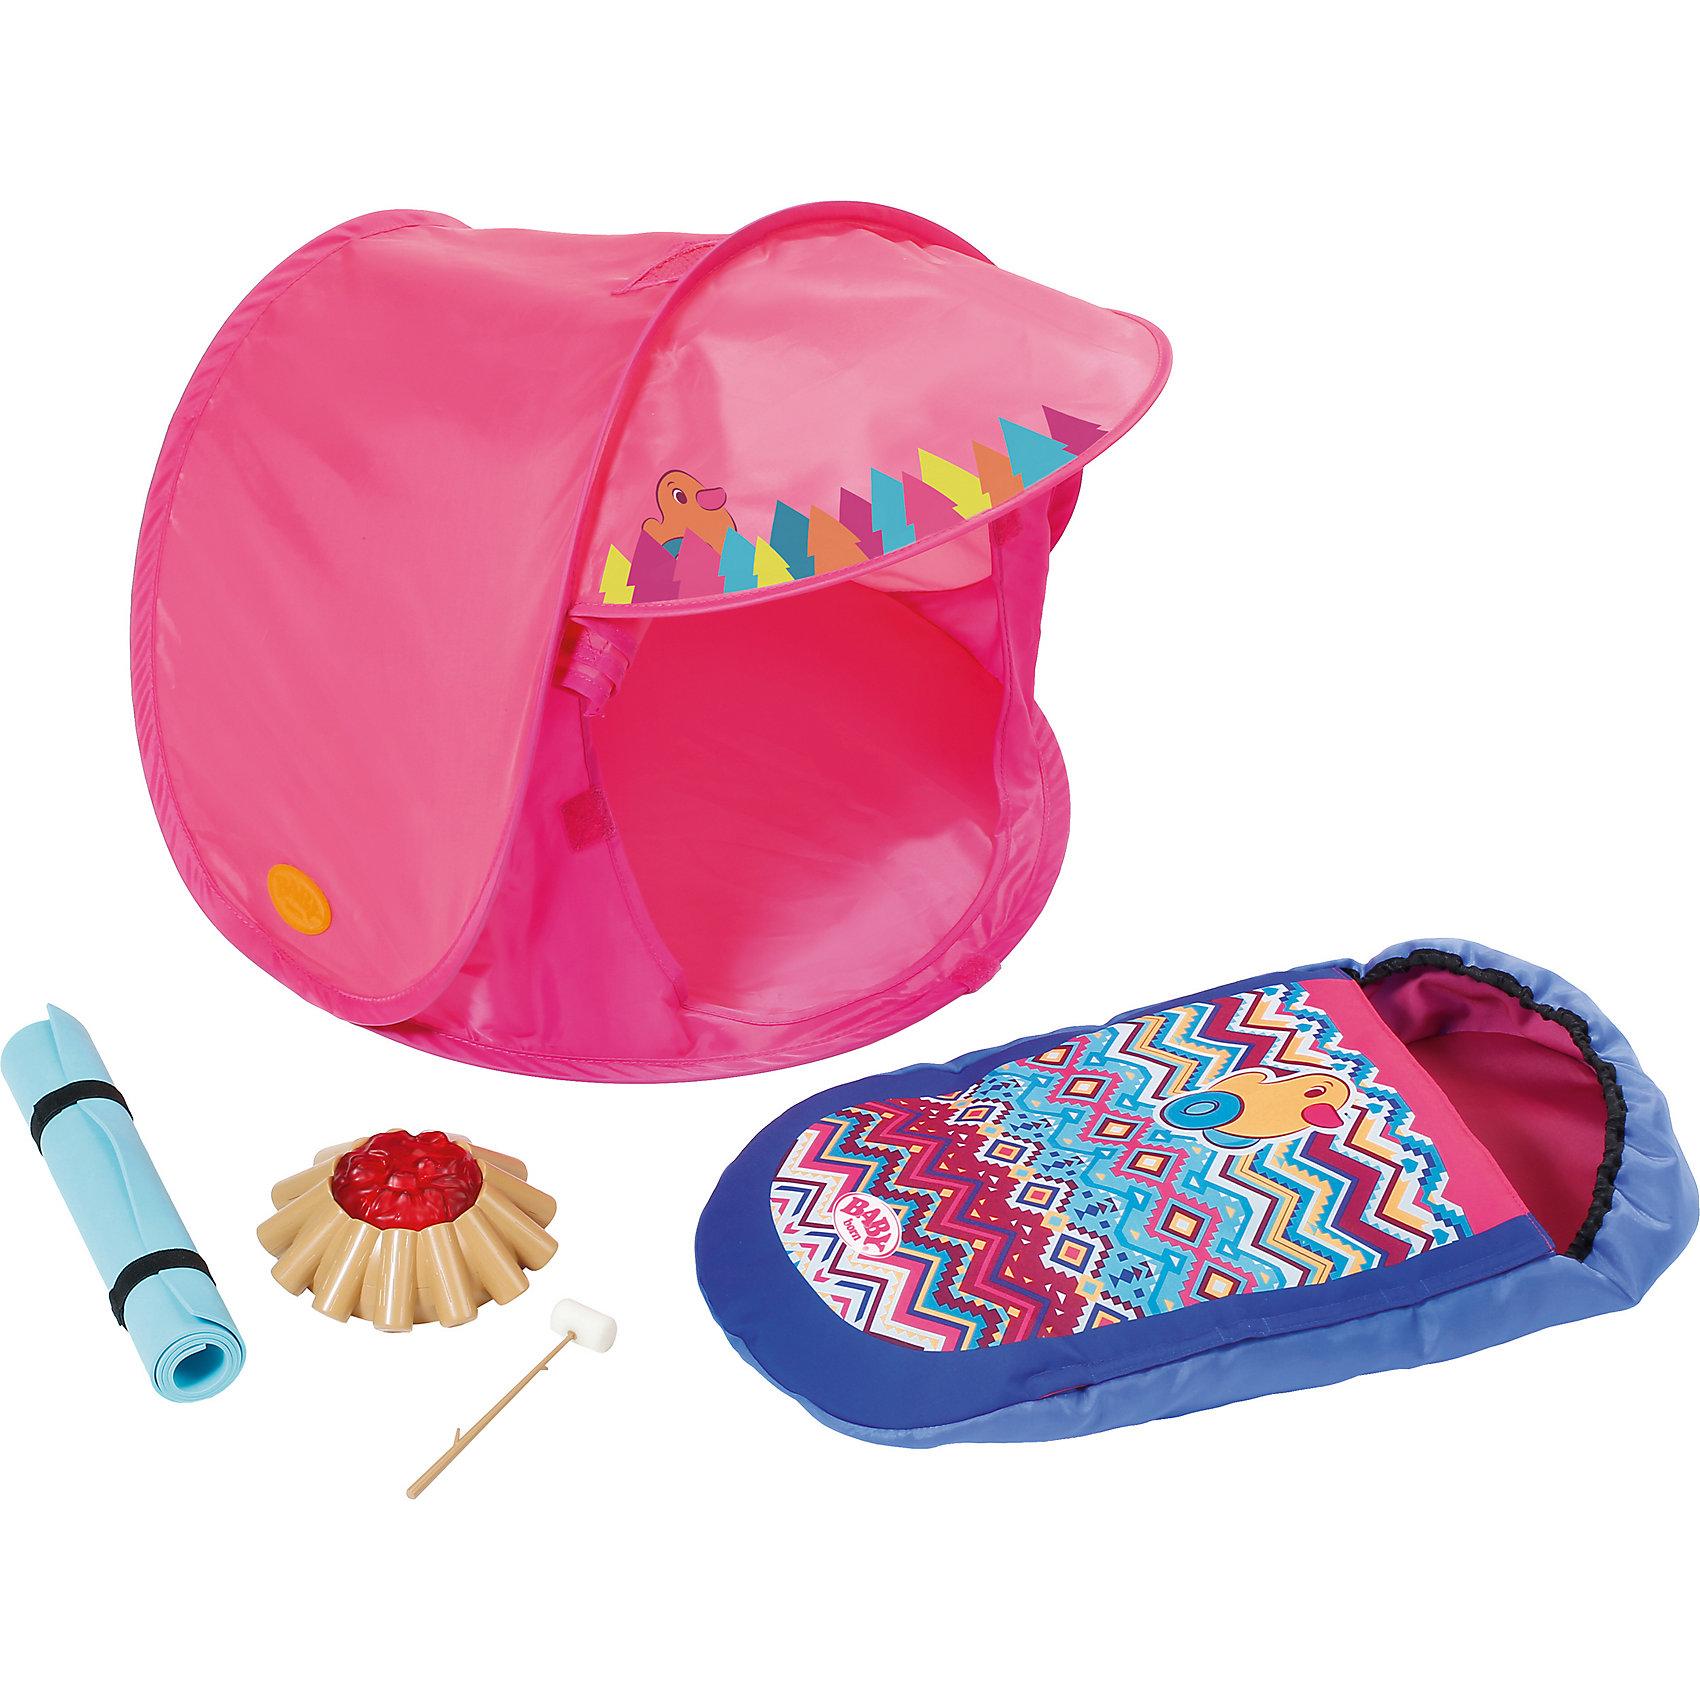 Набор для похода, BABY bornКукольная одежда и аксессуары<br>Набор для похода, BABY born <br><br>Характеристики:<br><br>• В набор входит: спальный мешок, мини-палатка, коврик, костёр, веточка с зефиром<br>• Состав: текстиль, пластик<br>• Размер упаковки: 38 * 8 * 38 см.<br>• Для детей в возрасте: от 3 лет<br>• Страна производитель: Китай<br><br>С новым набором для похода ребёнок сможет продолжать свои игры, делая их ещё веселее. Спальный мешок и коврик-пенка выглядят совсем как настоящие, маленькая одноместная палатка отлично дополняет комплект и позволит сделать игру в поход по-настоящему полной. <br><br>Благодаря игрушечному пластиковому костру со встроенным светом и небольшой веточке с зефиром любимая кукла сможет готовить походную еду и наслаждаться отдыхом на природе. Это фирменный комплект для кукол, поэтому она подойдёт к любой кукле бренда BABY born (Бейби Бон).<br> <br>Набор для похода, BABY born можно купить в нашем интернет-магазине.<br><br>Ширина мм: 388<br>Глубина мм: 360<br>Высота мм: 86<br>Вес г: 755<br>Возраст от месяцев: 36<br>Возраст до месяцев: 60<br>Пол: Женский<br>Возраст: Детский<br>SKU: 5031514